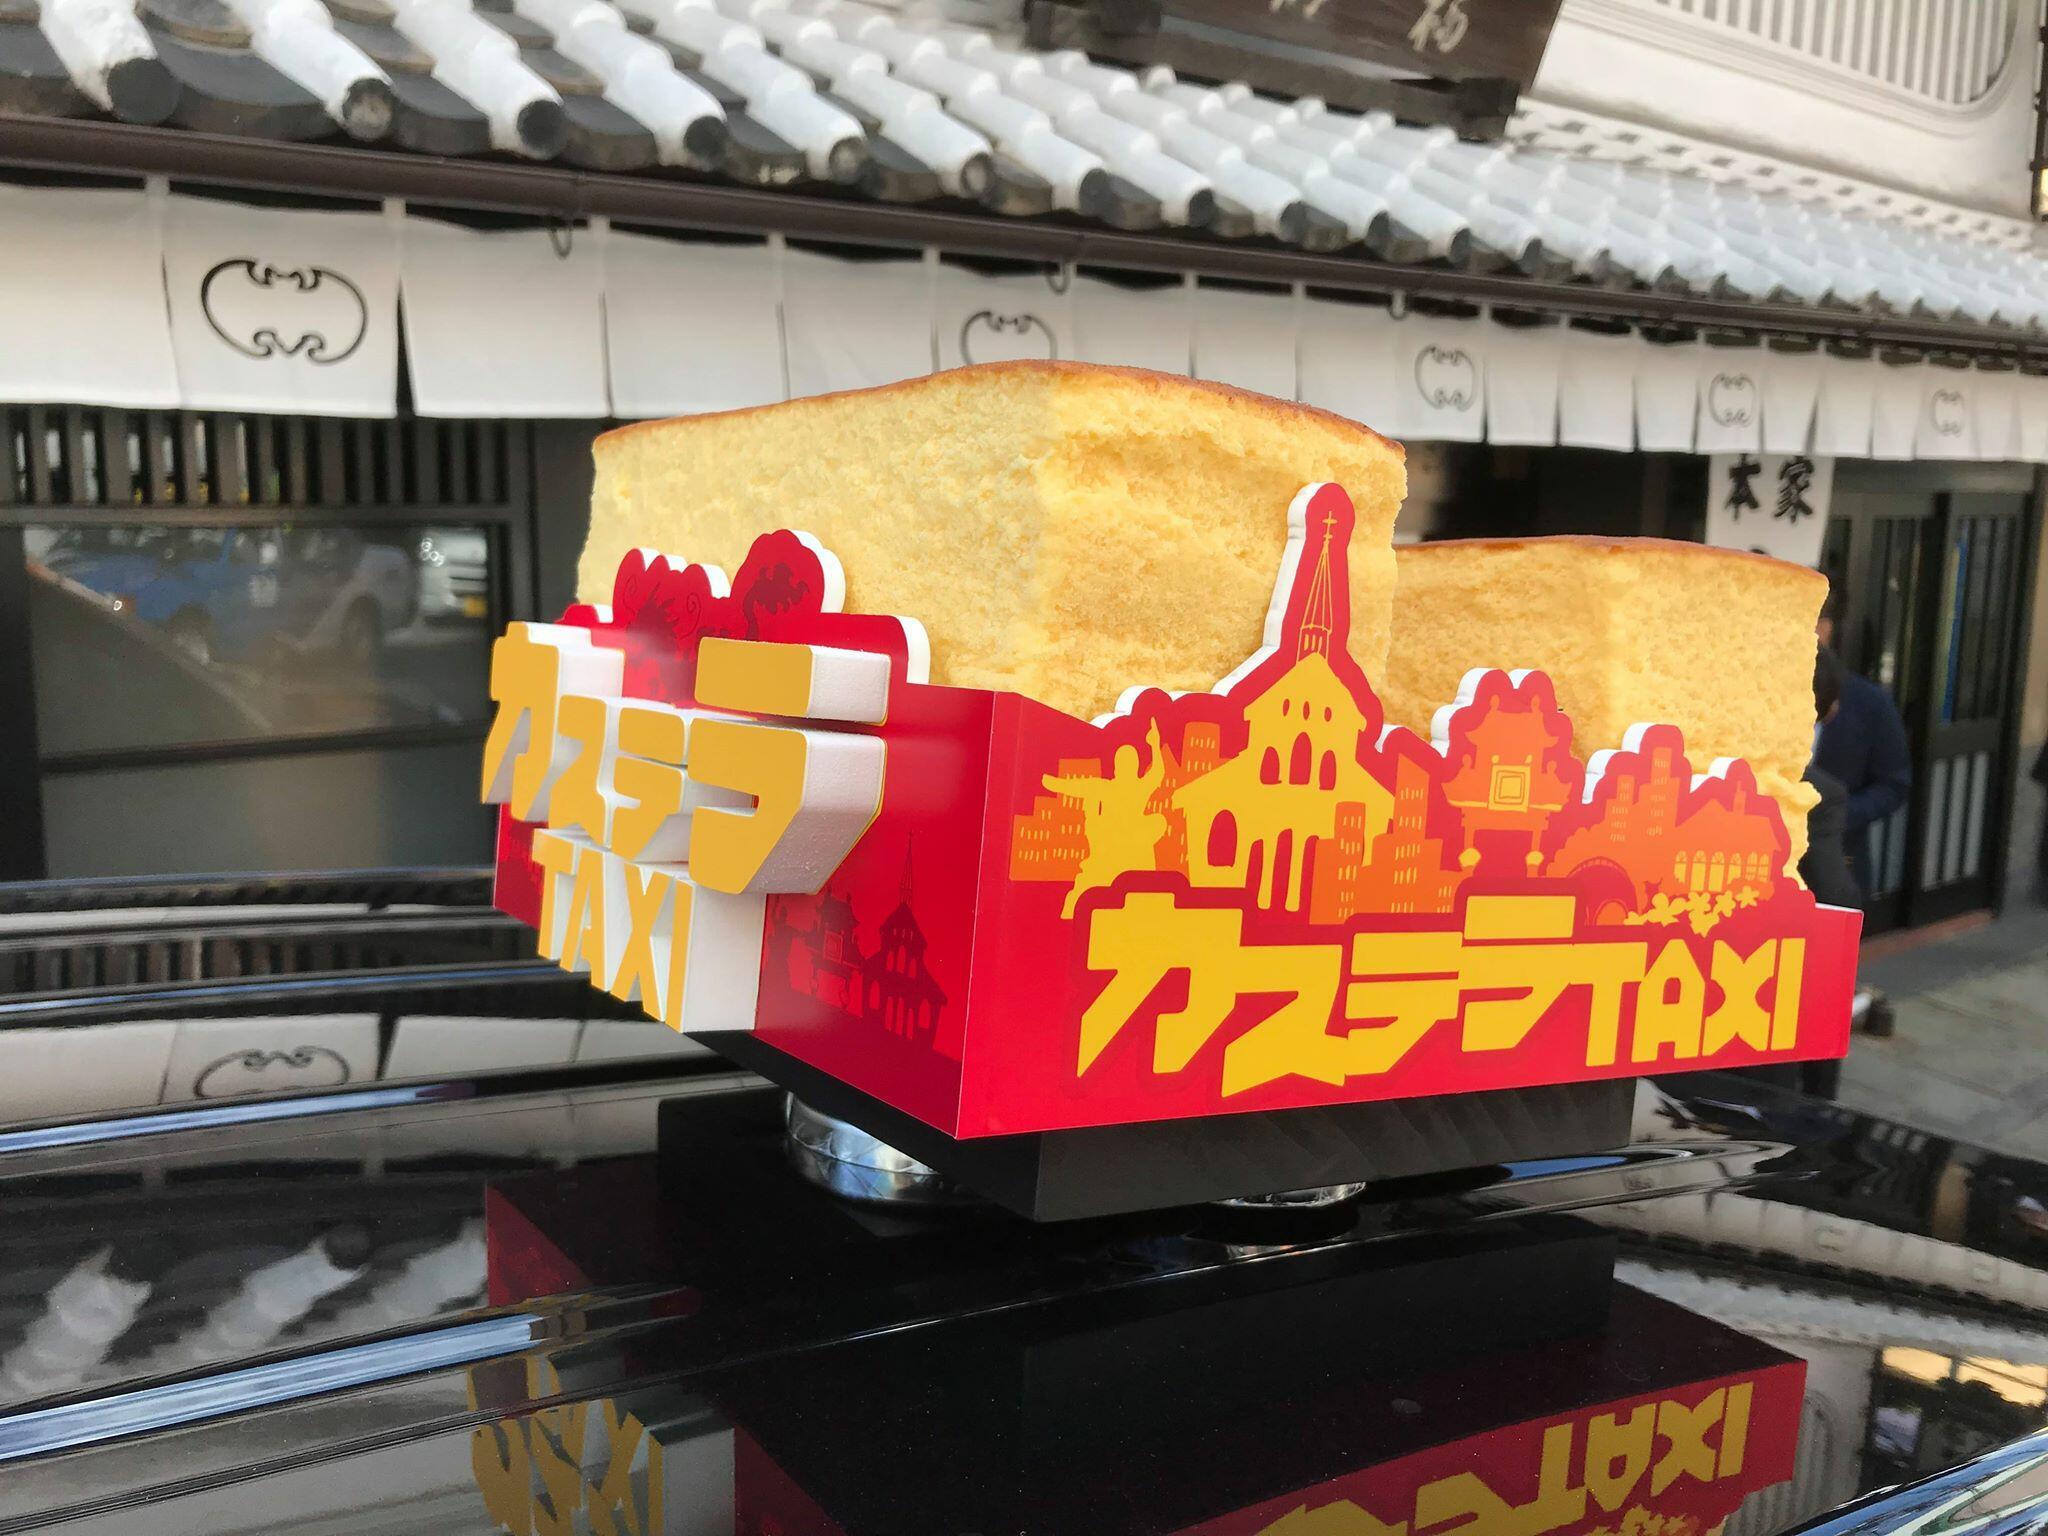 地元の名物菓子がシンボル。長崎市の「カステラタクシー」